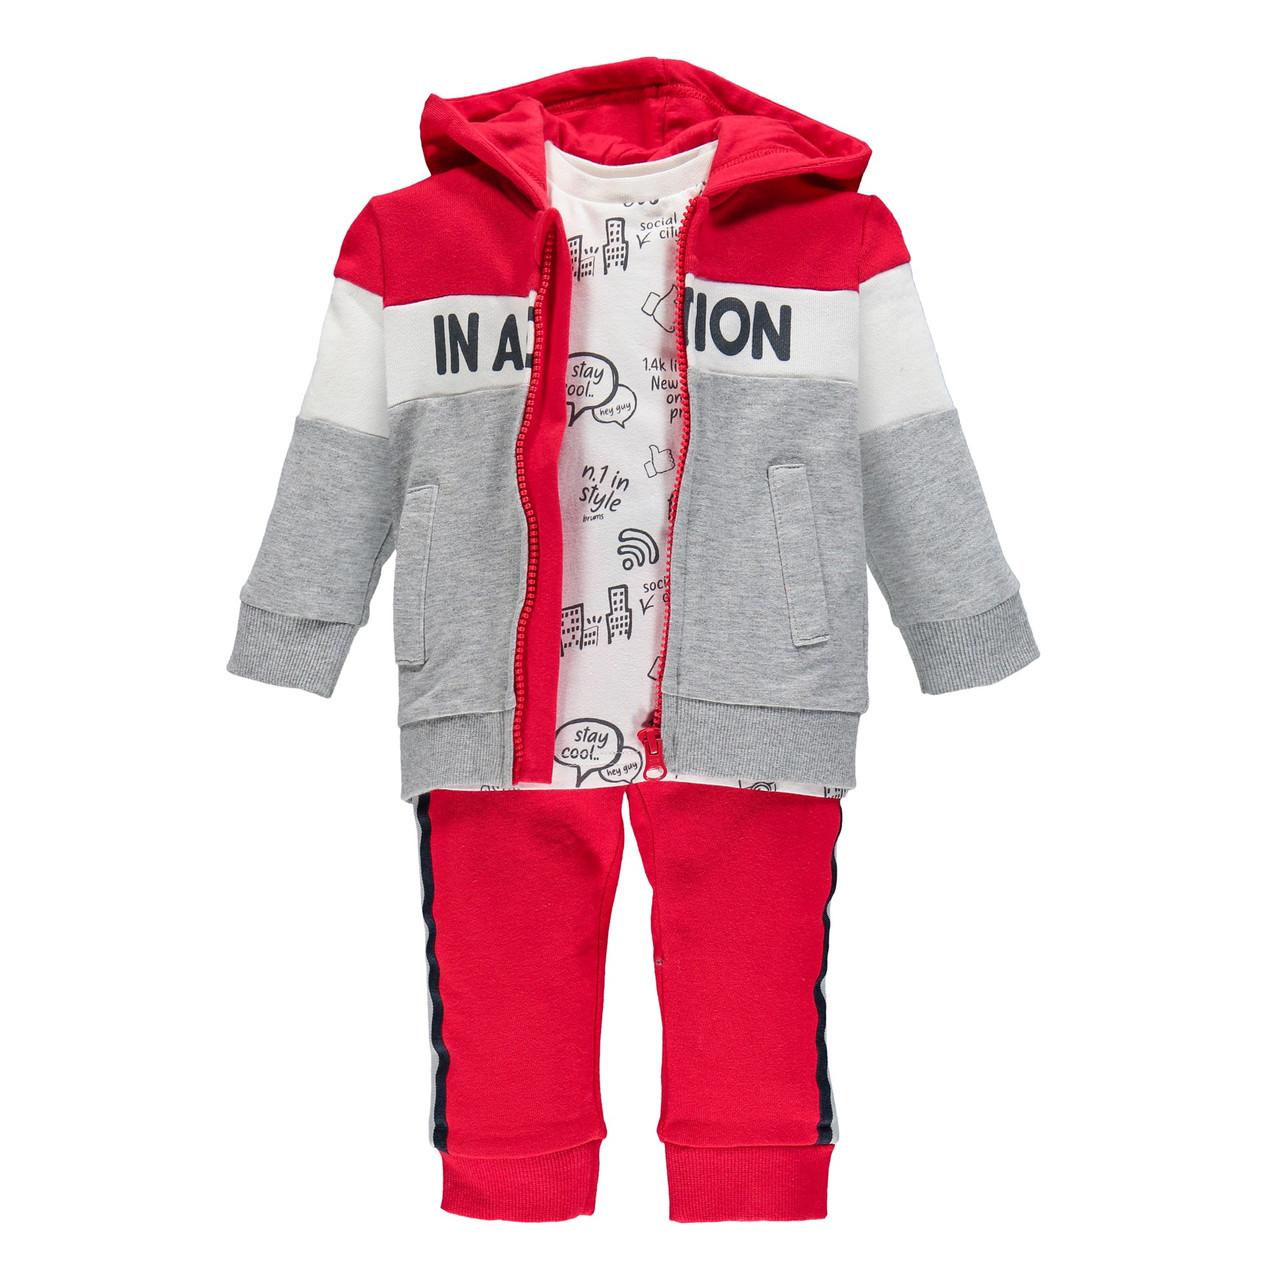 Спортивний костюм з трьох частин Brums 193BDEP002-743 червоний з сірим 86-98